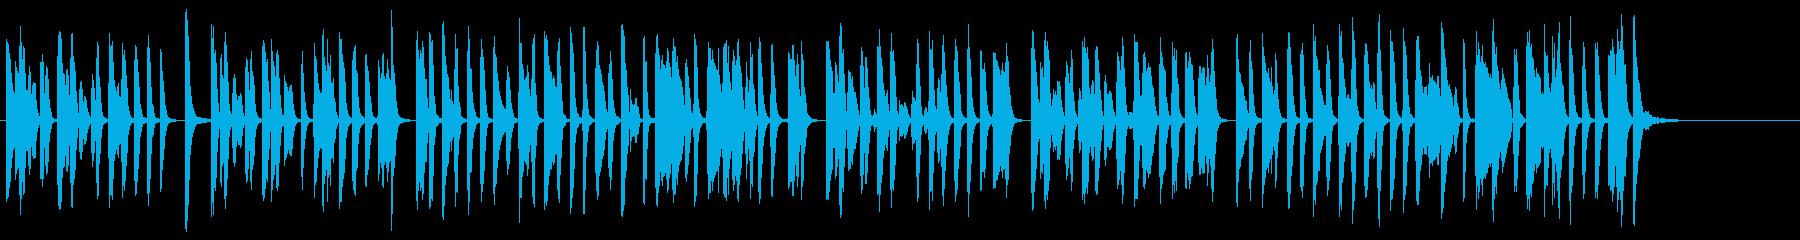 明るくコミカルなラグタイム調ピアノソロの再生済みの波形